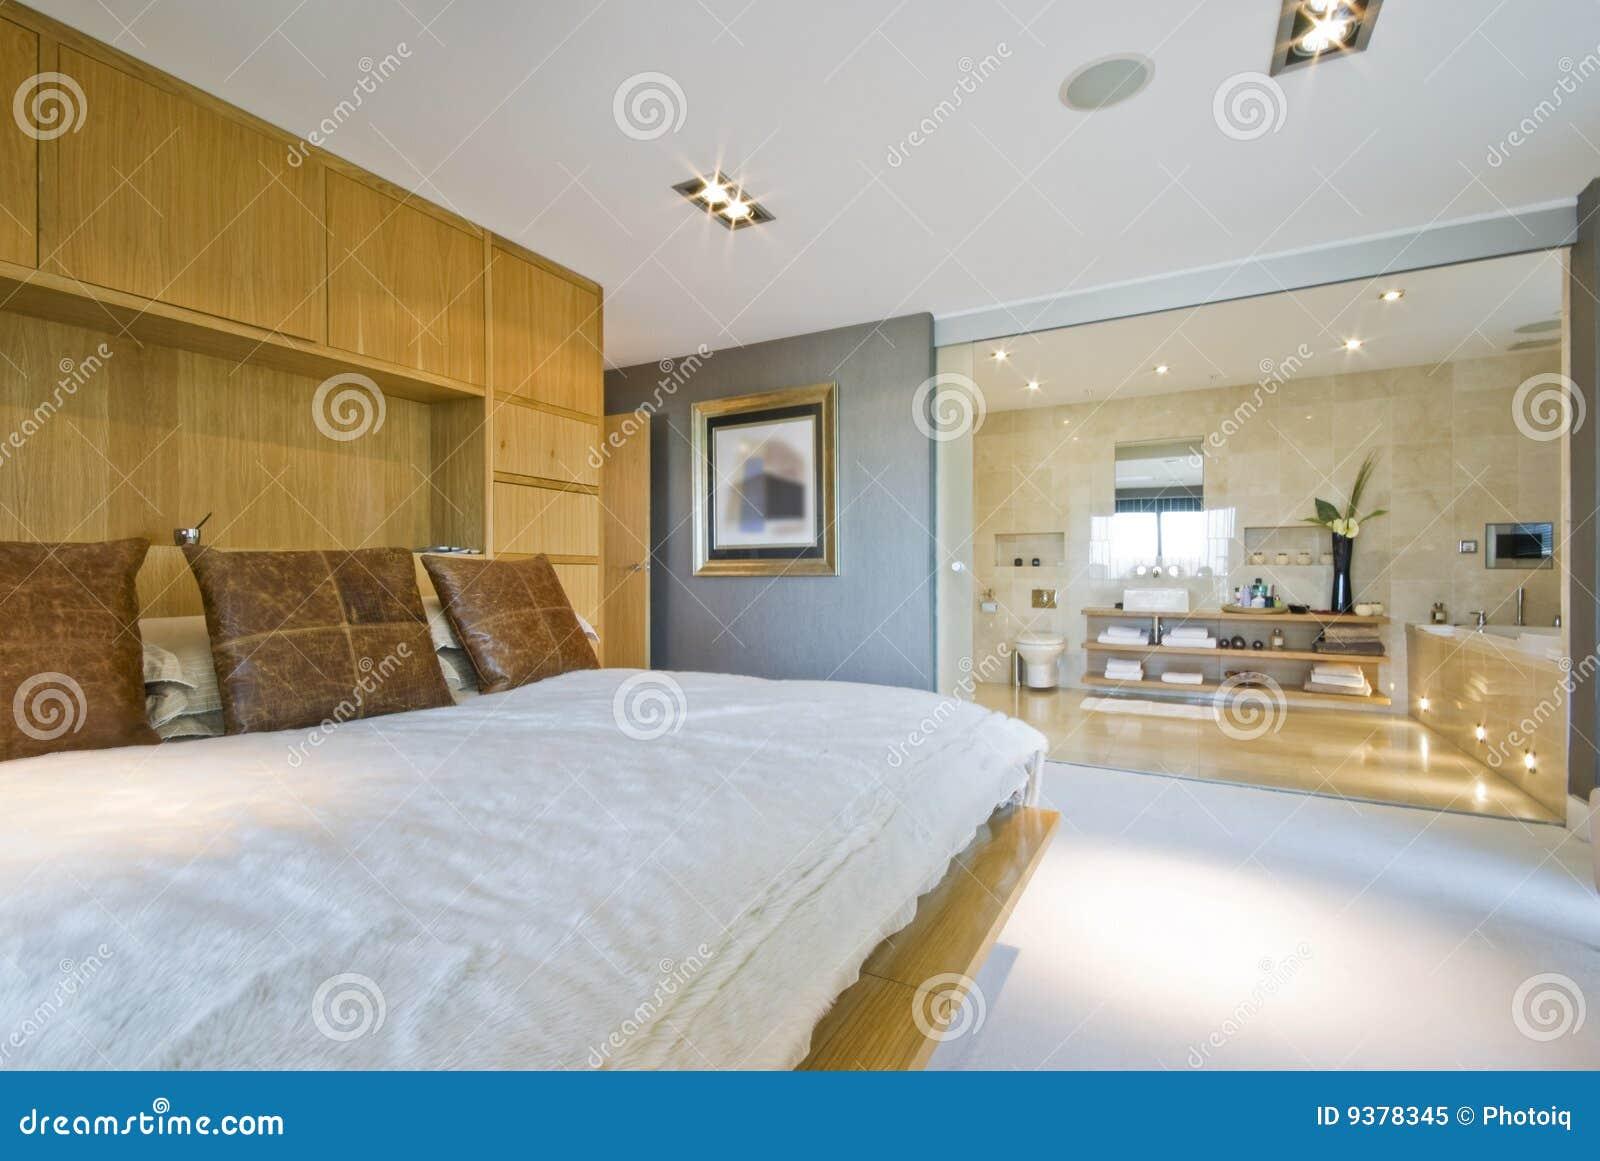 salle de bains dans chambre a coucher